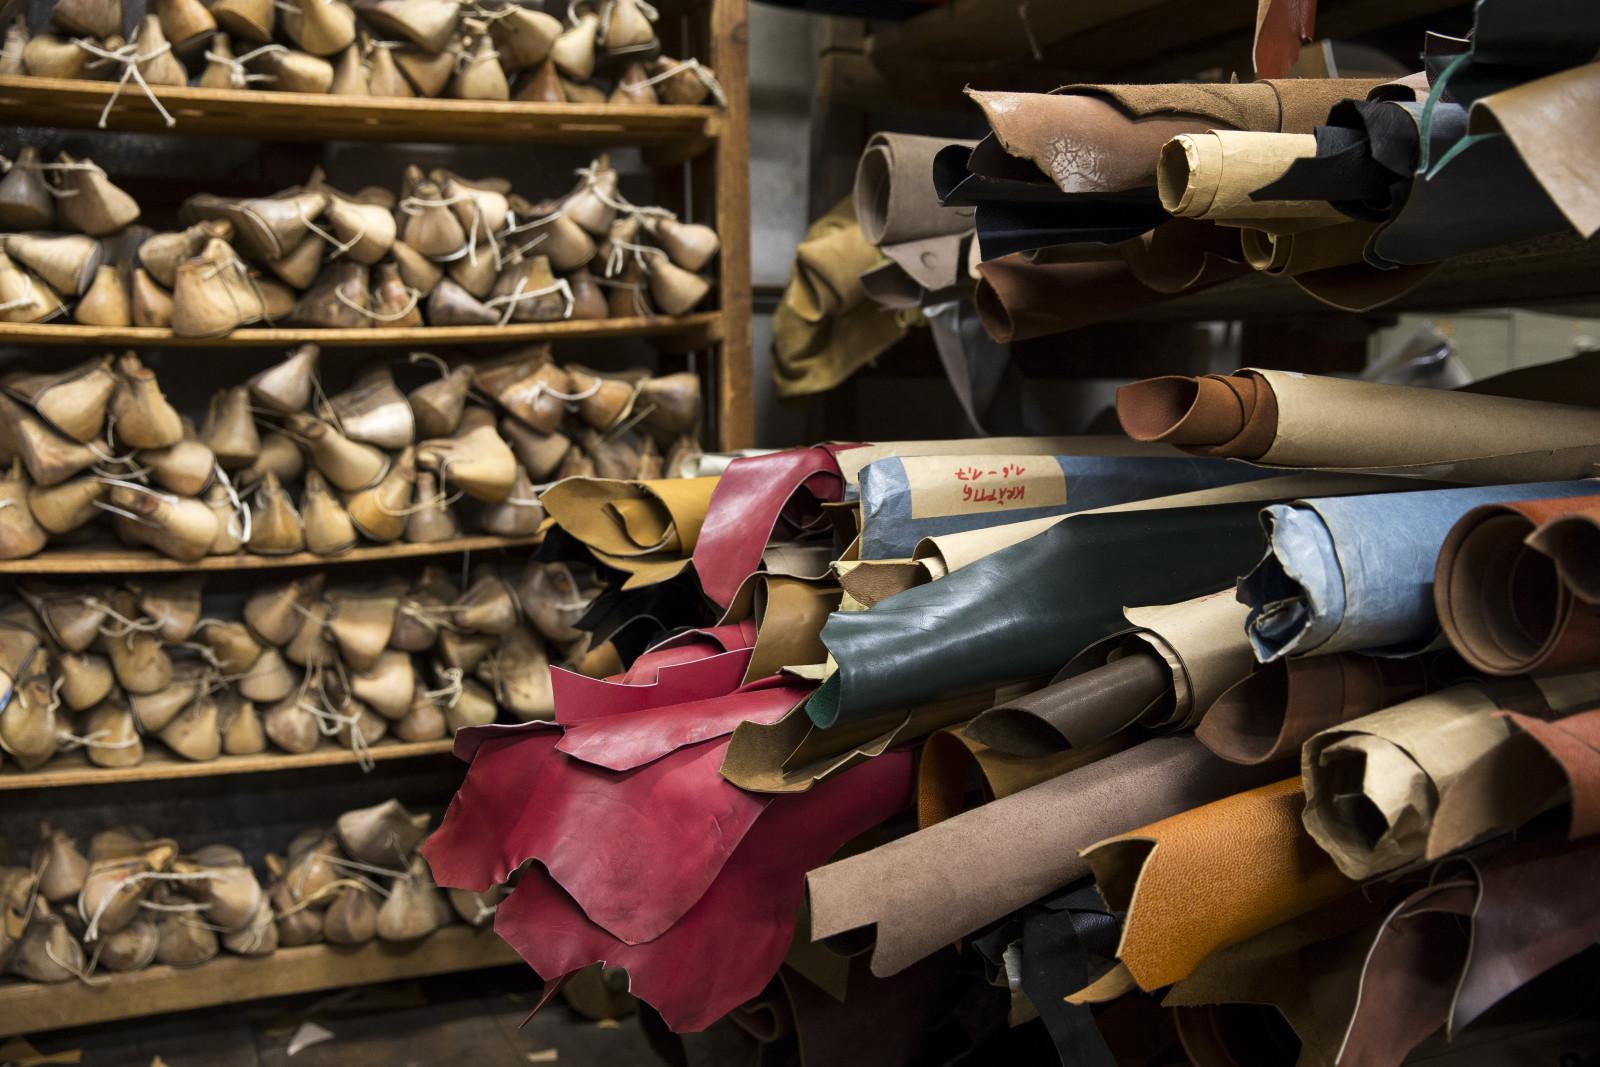 Leder, Leisten - die Zutaten für einen Maßschuh